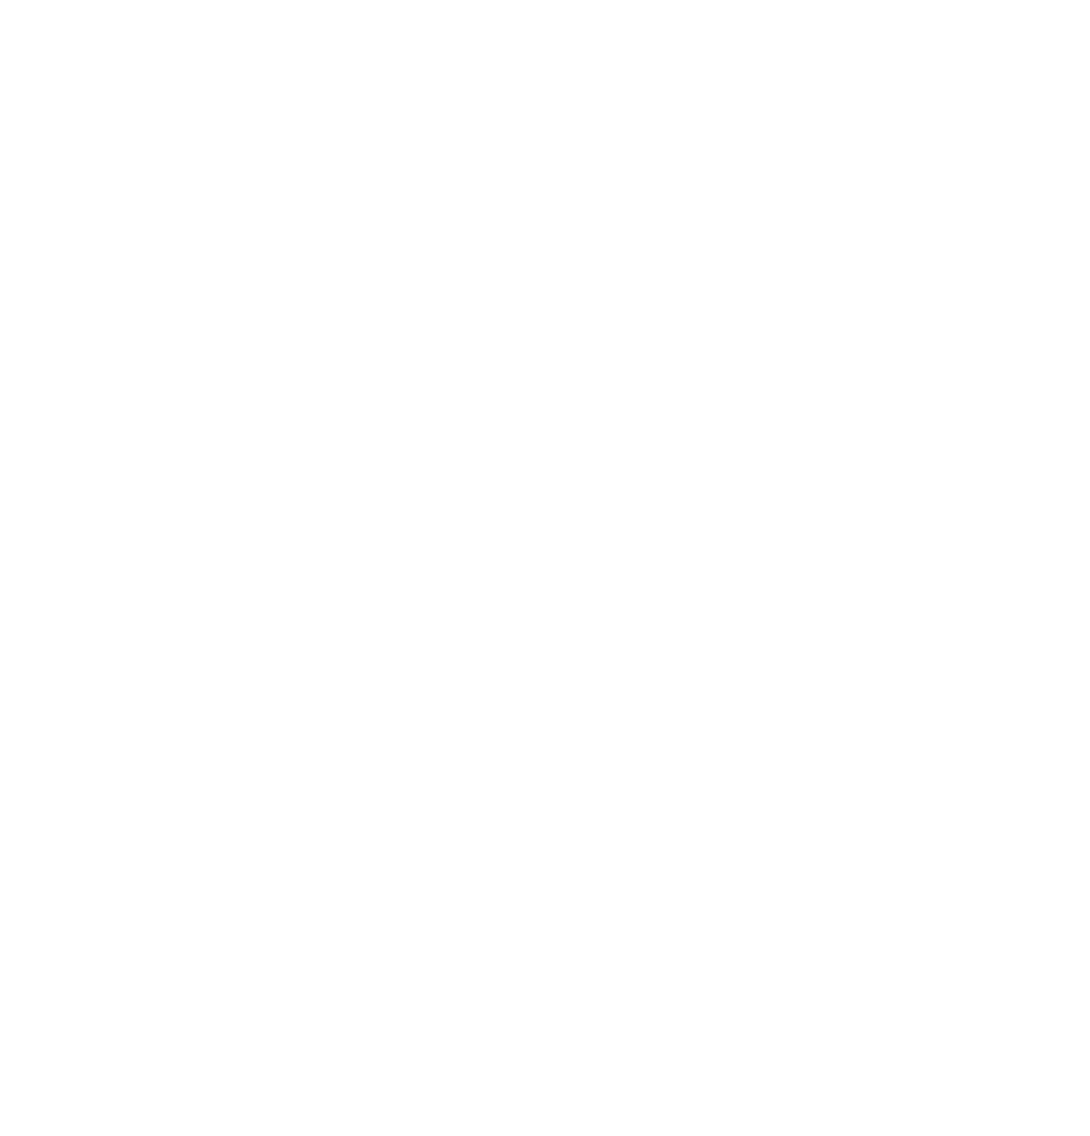 b-letter